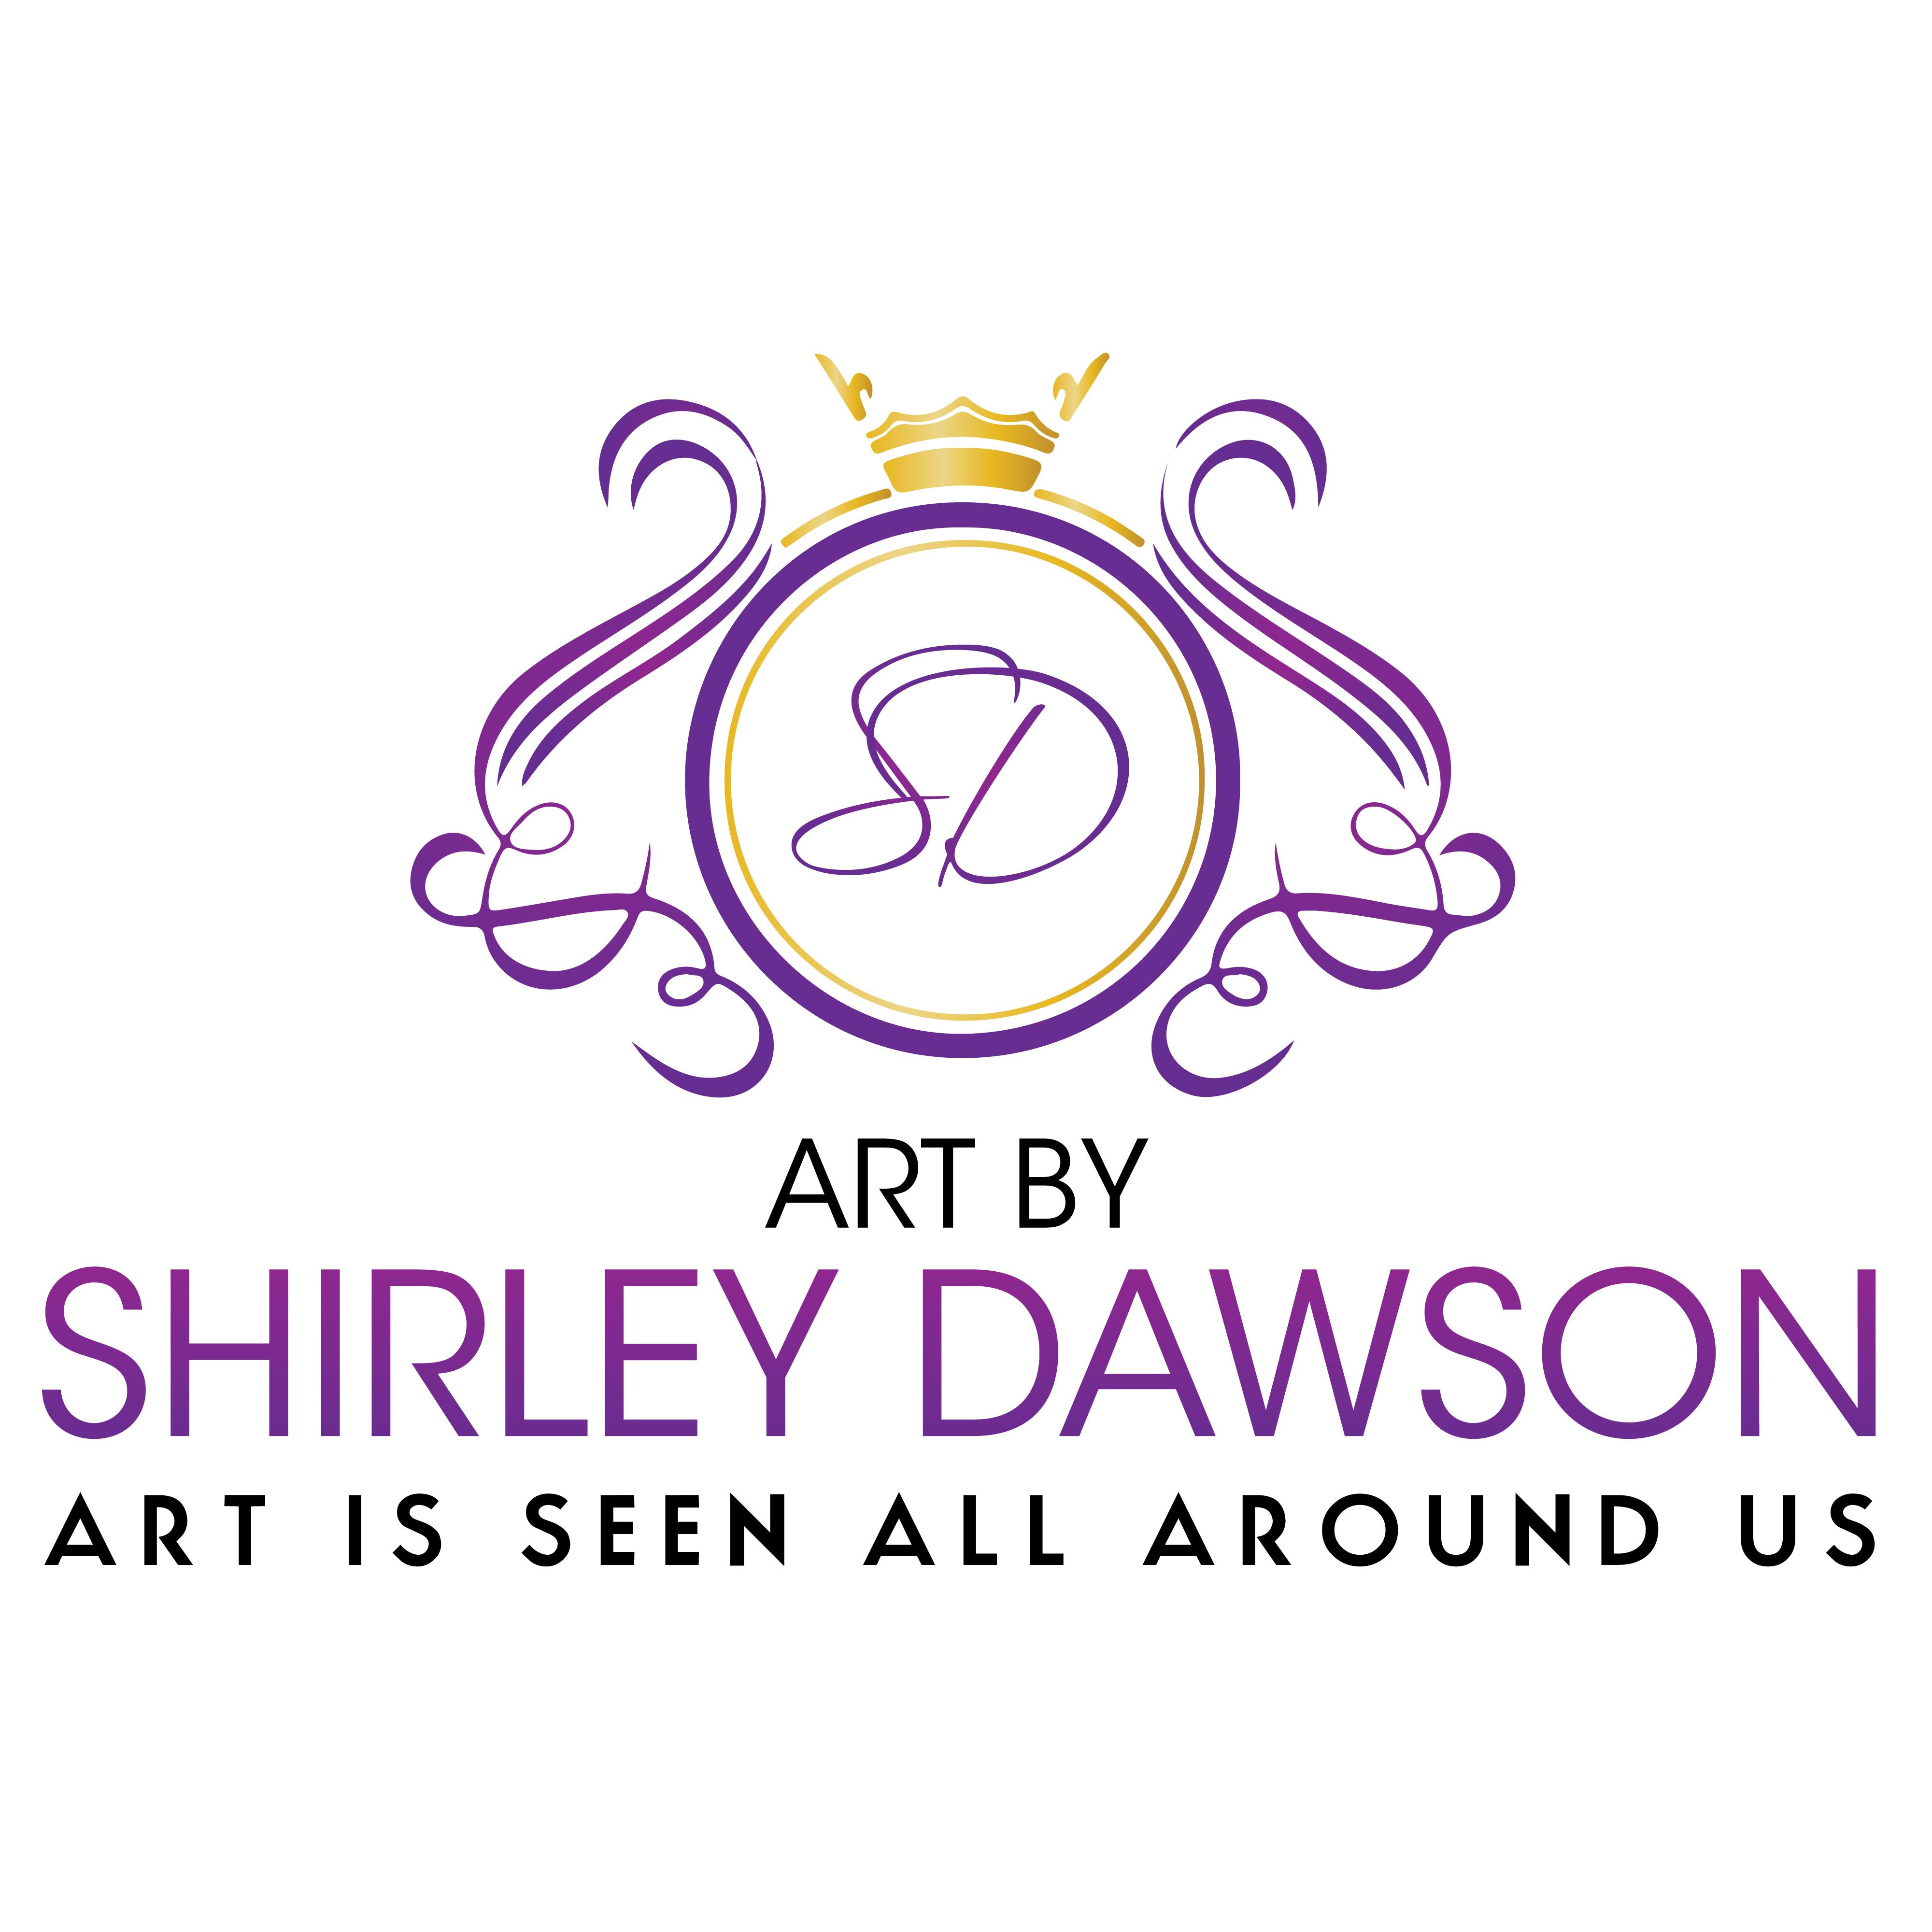 Art By Shirley Dawson Logo Image